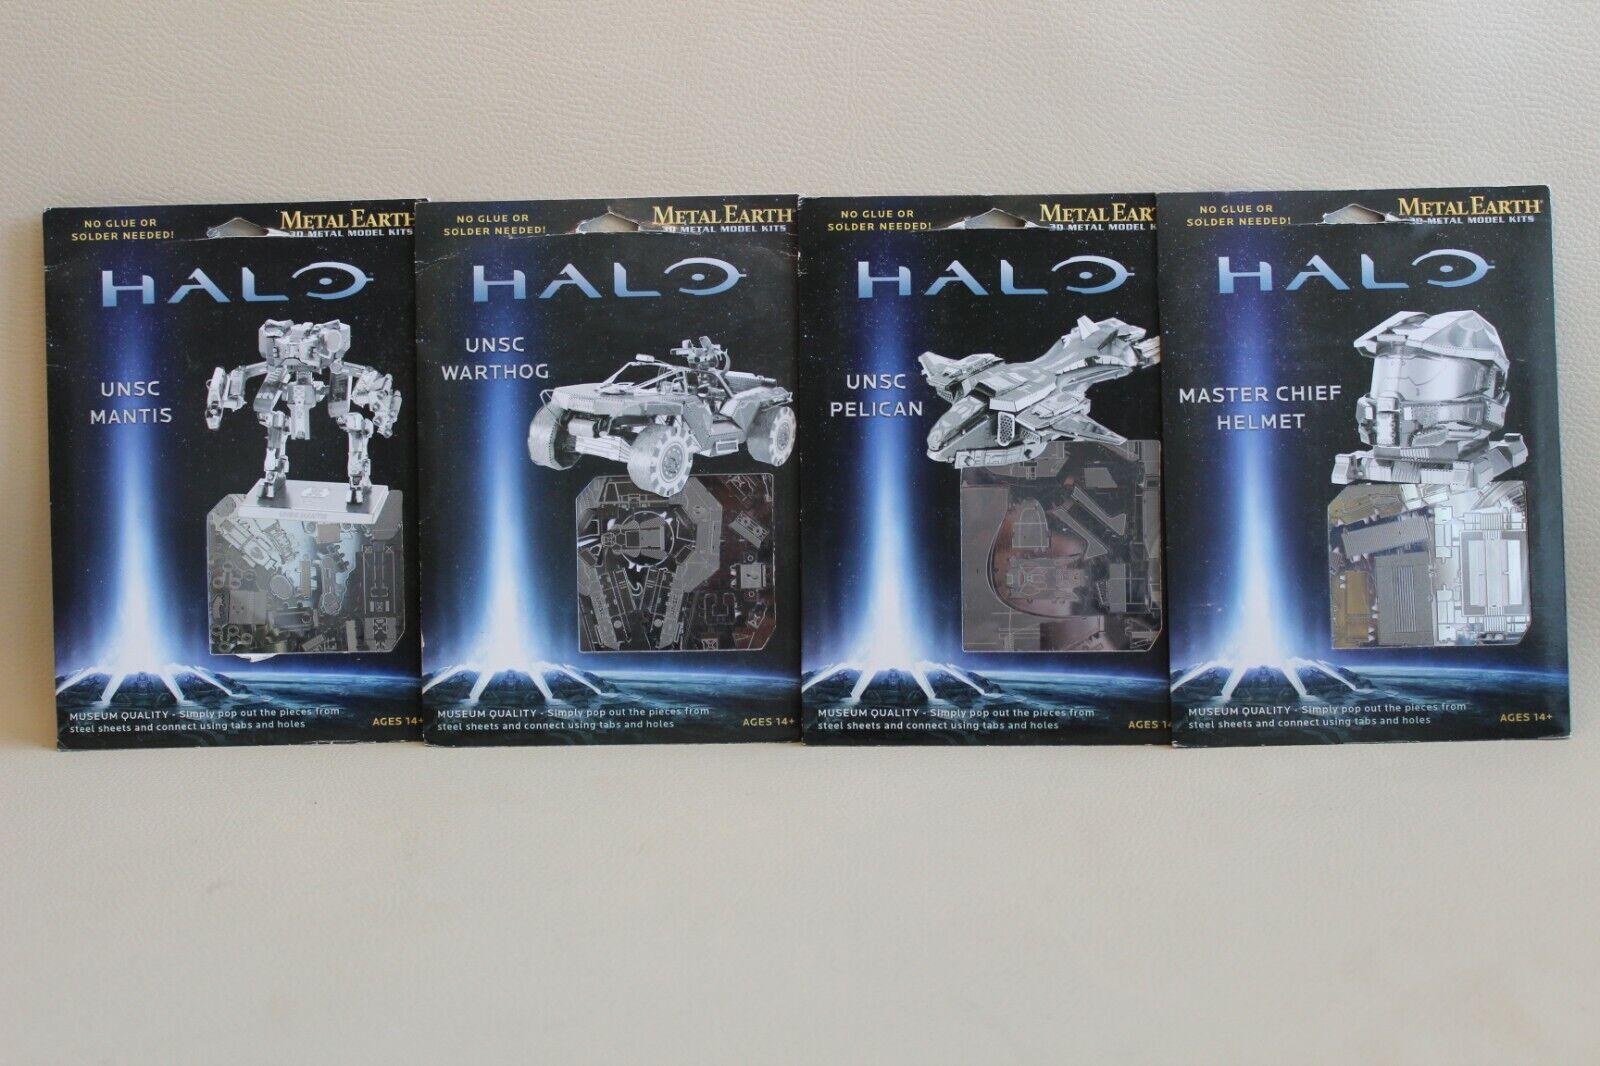 4 Mini maquettes métalliques HALO - Metal Earth 3D Laser Cut